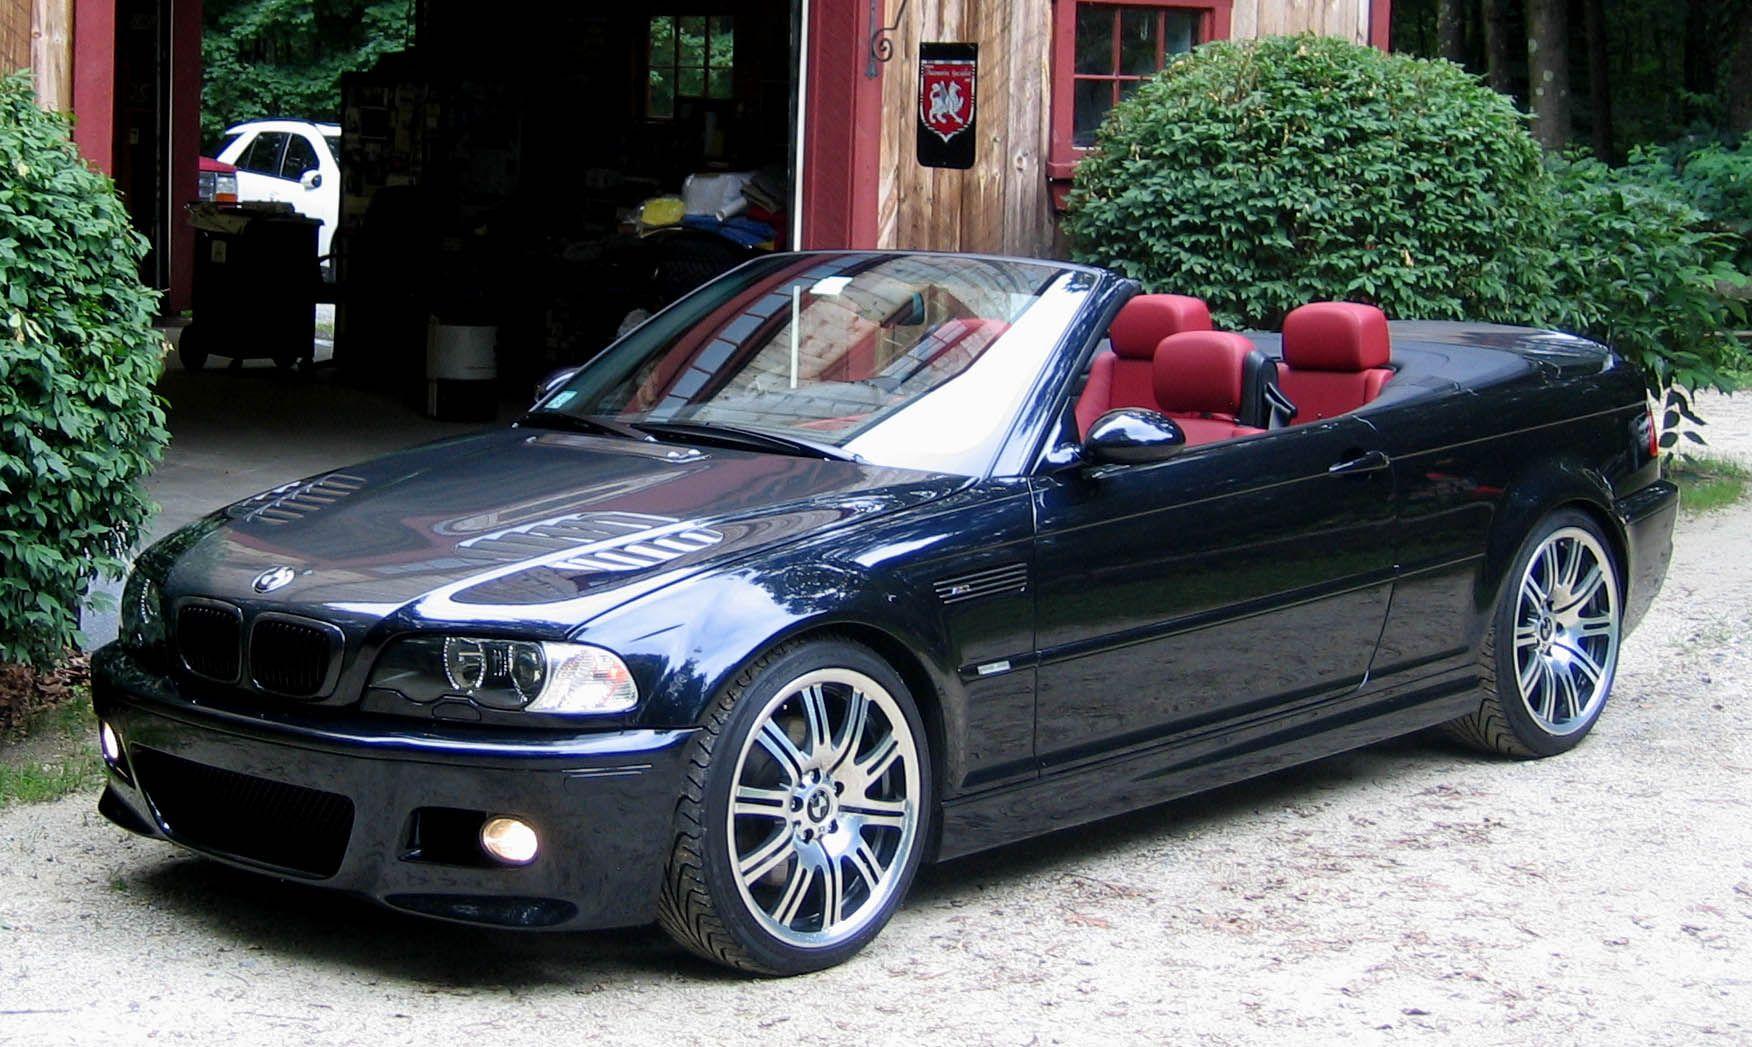 bmw m3 e46 convertible WapperCar bmwm3 m3e46 blackbmw